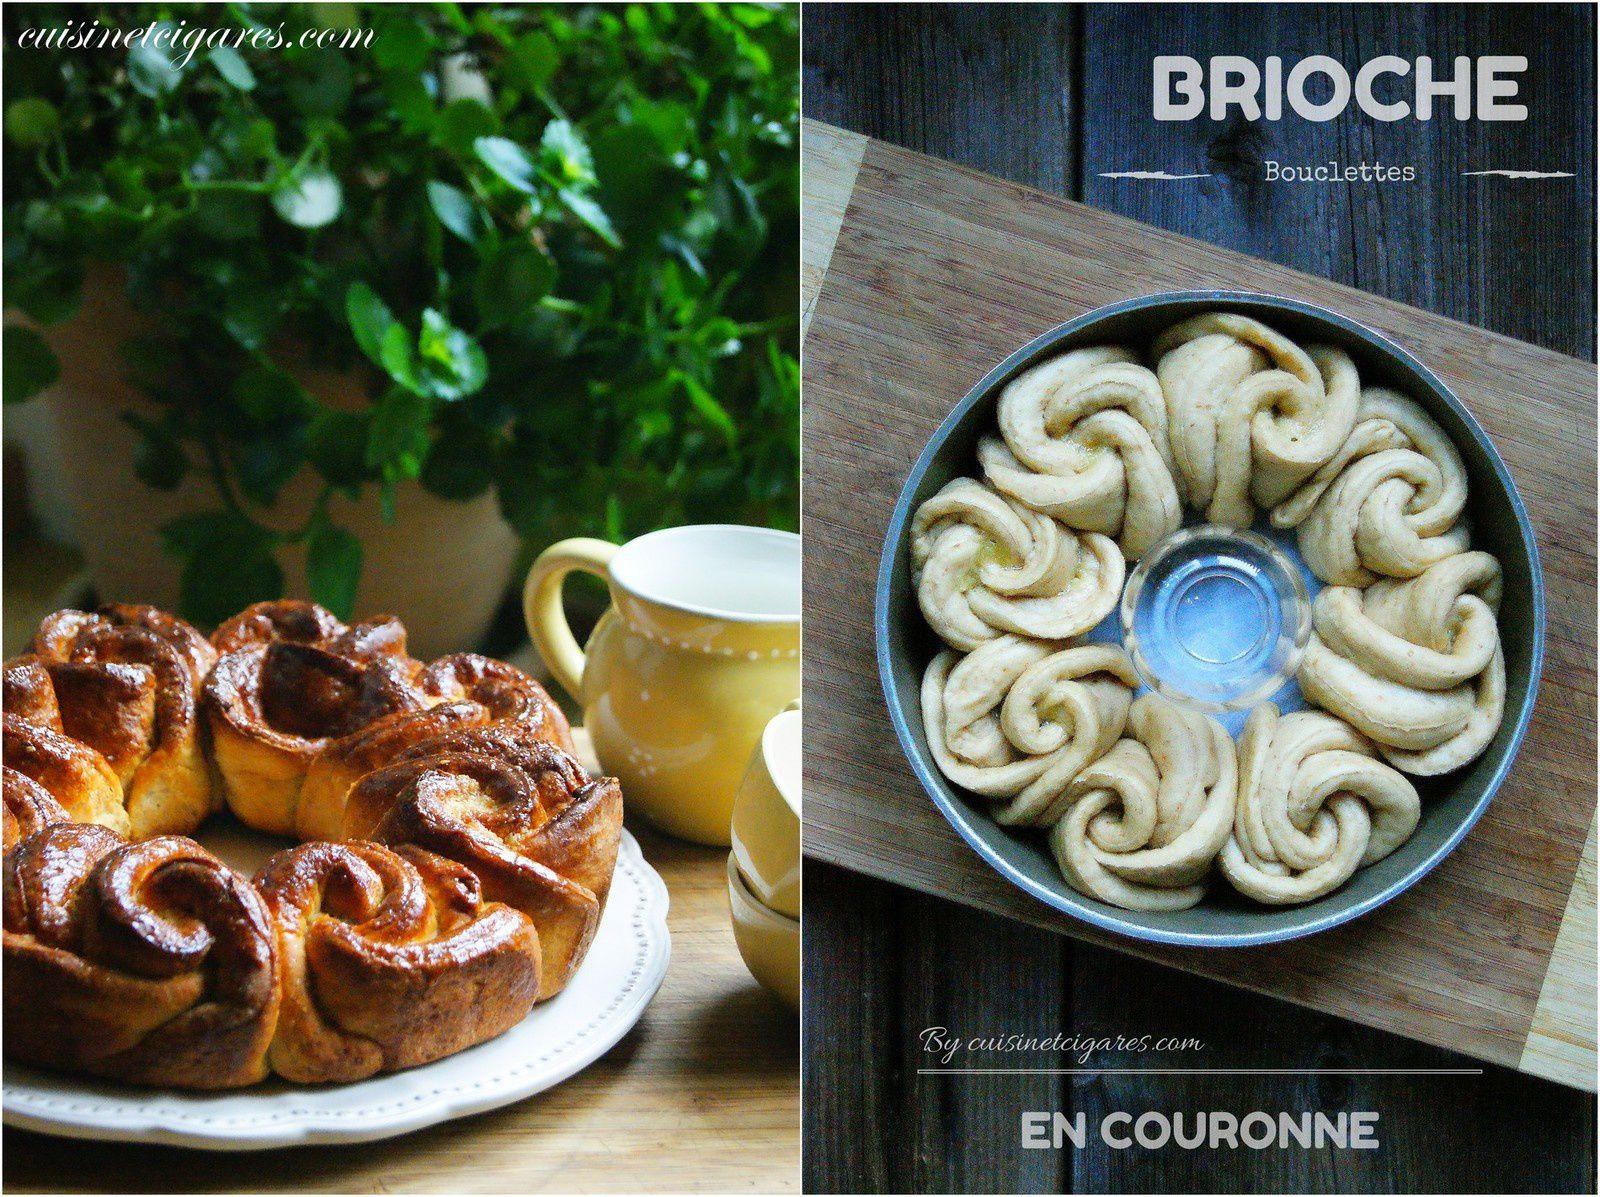 Brioche Bouclettes en Couronne